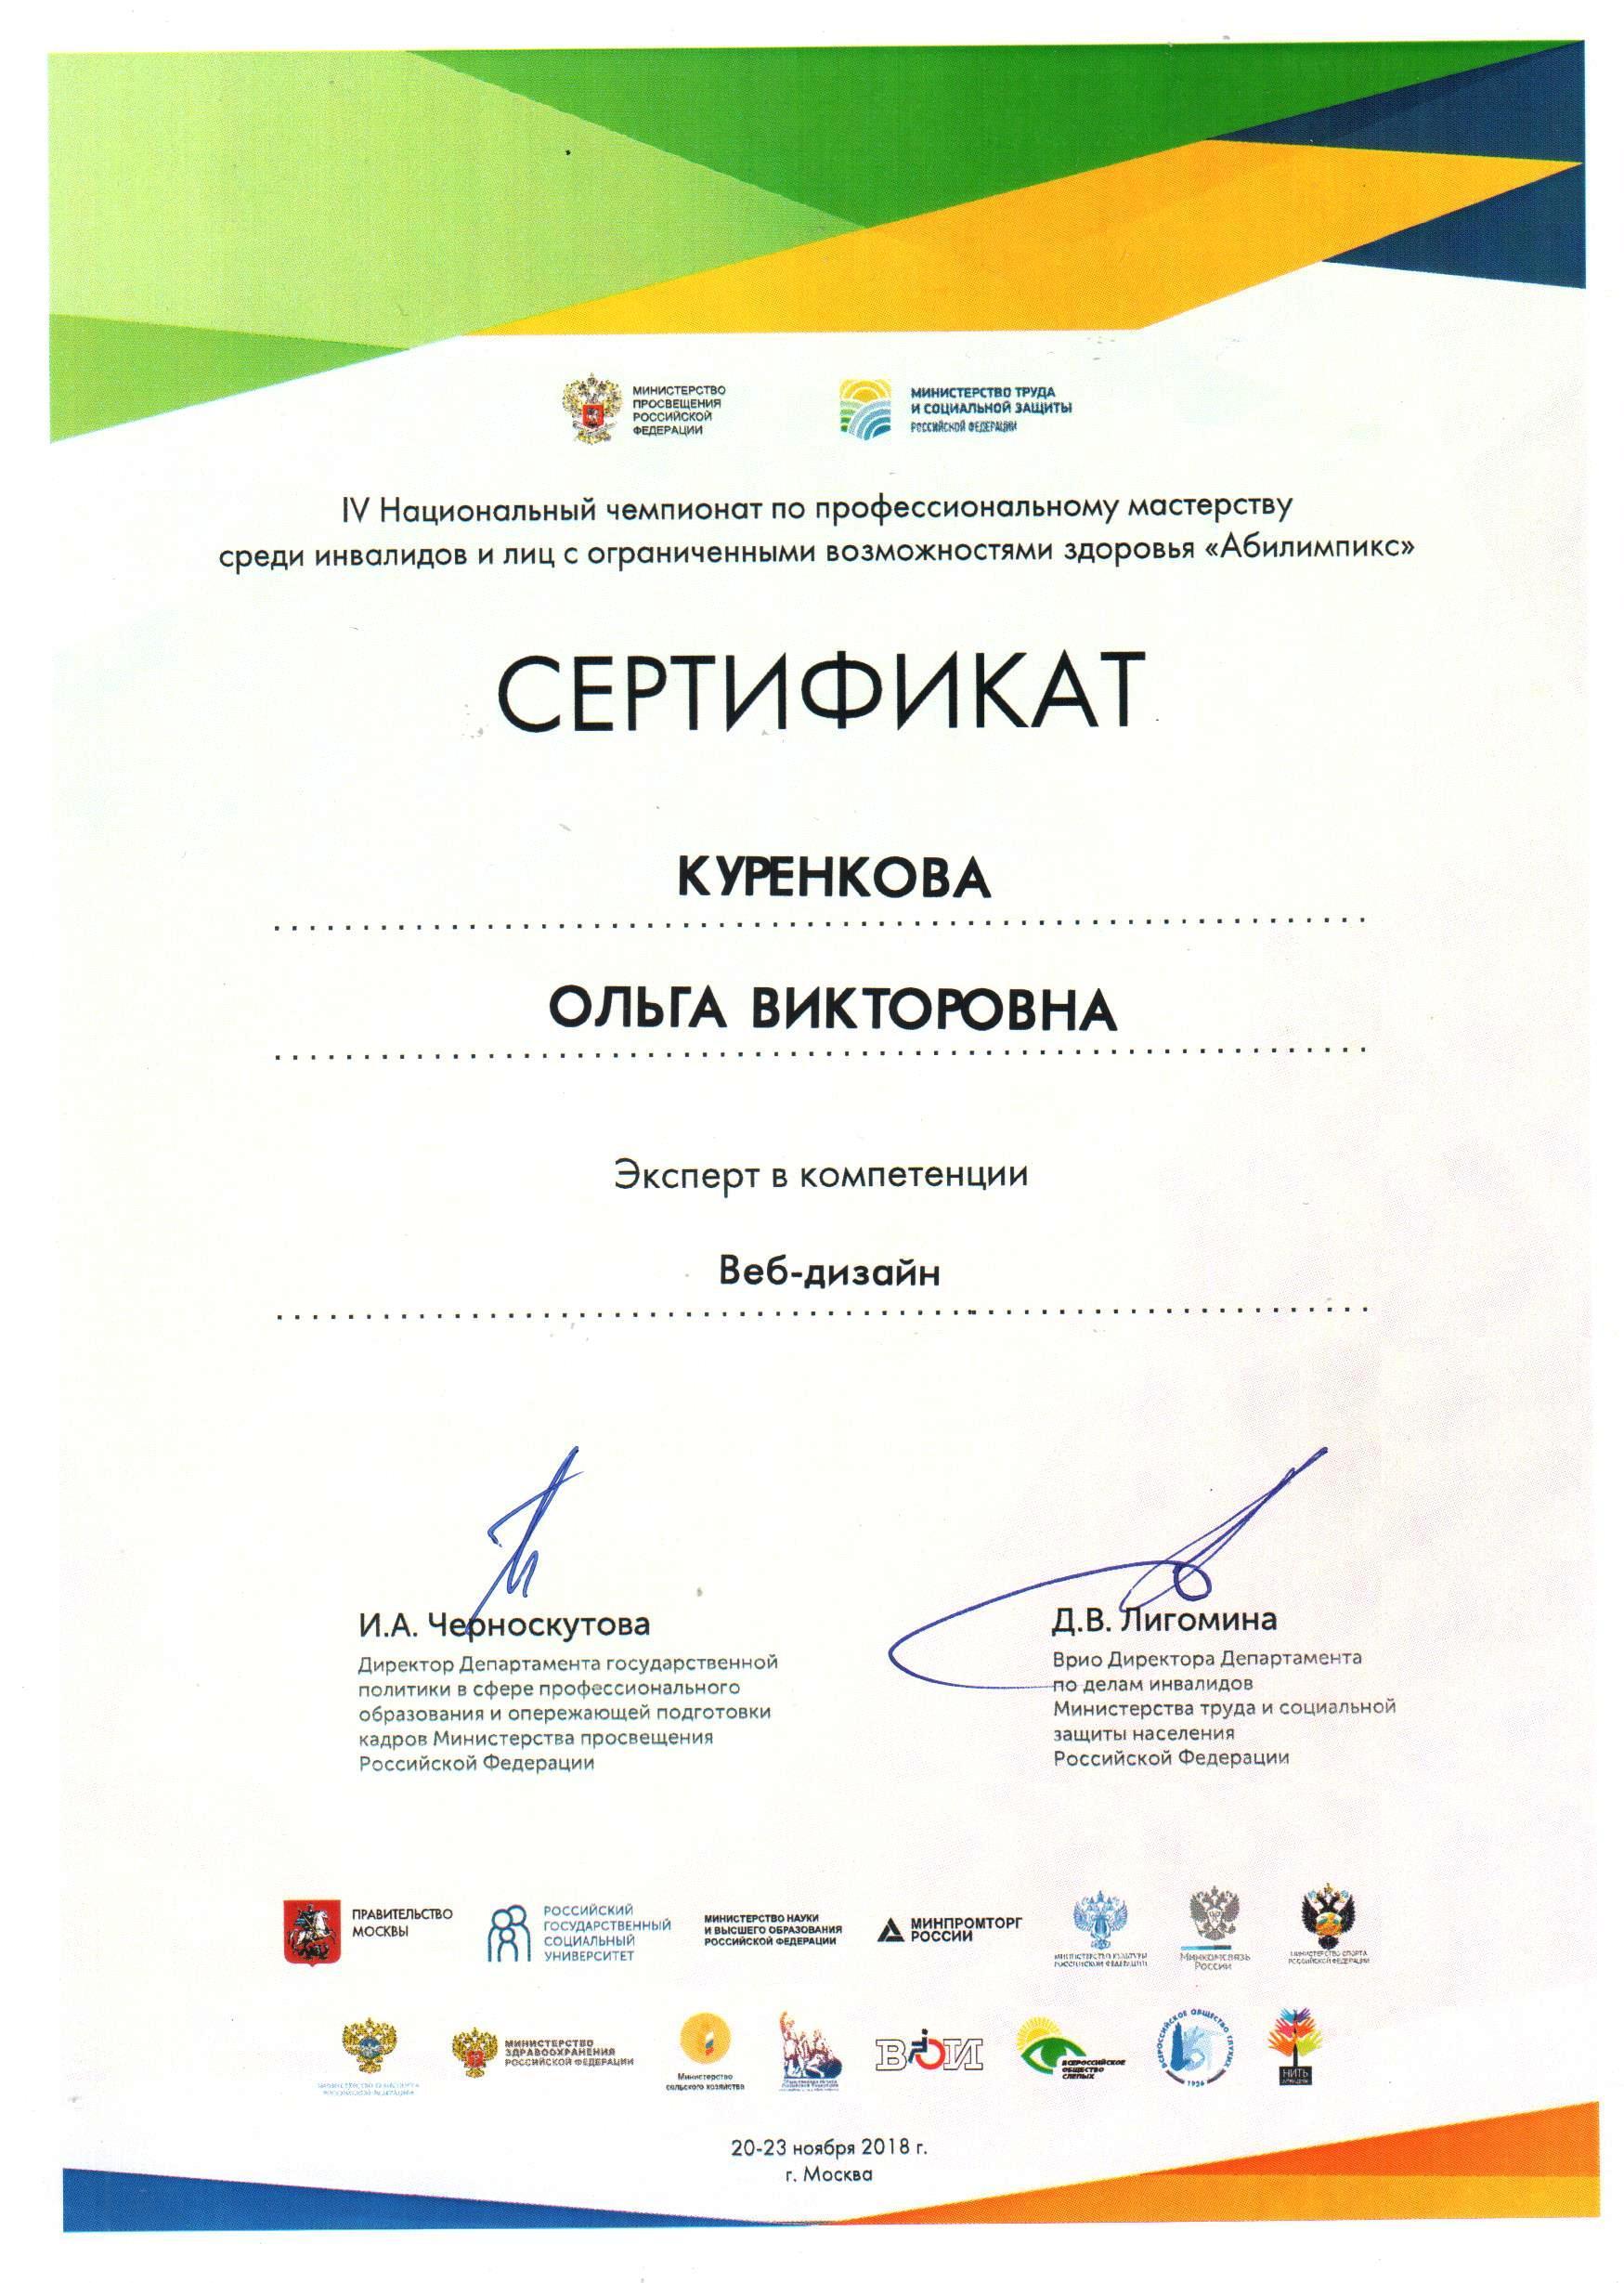 Сертификат эксперта в компетенции Веб-дизайн